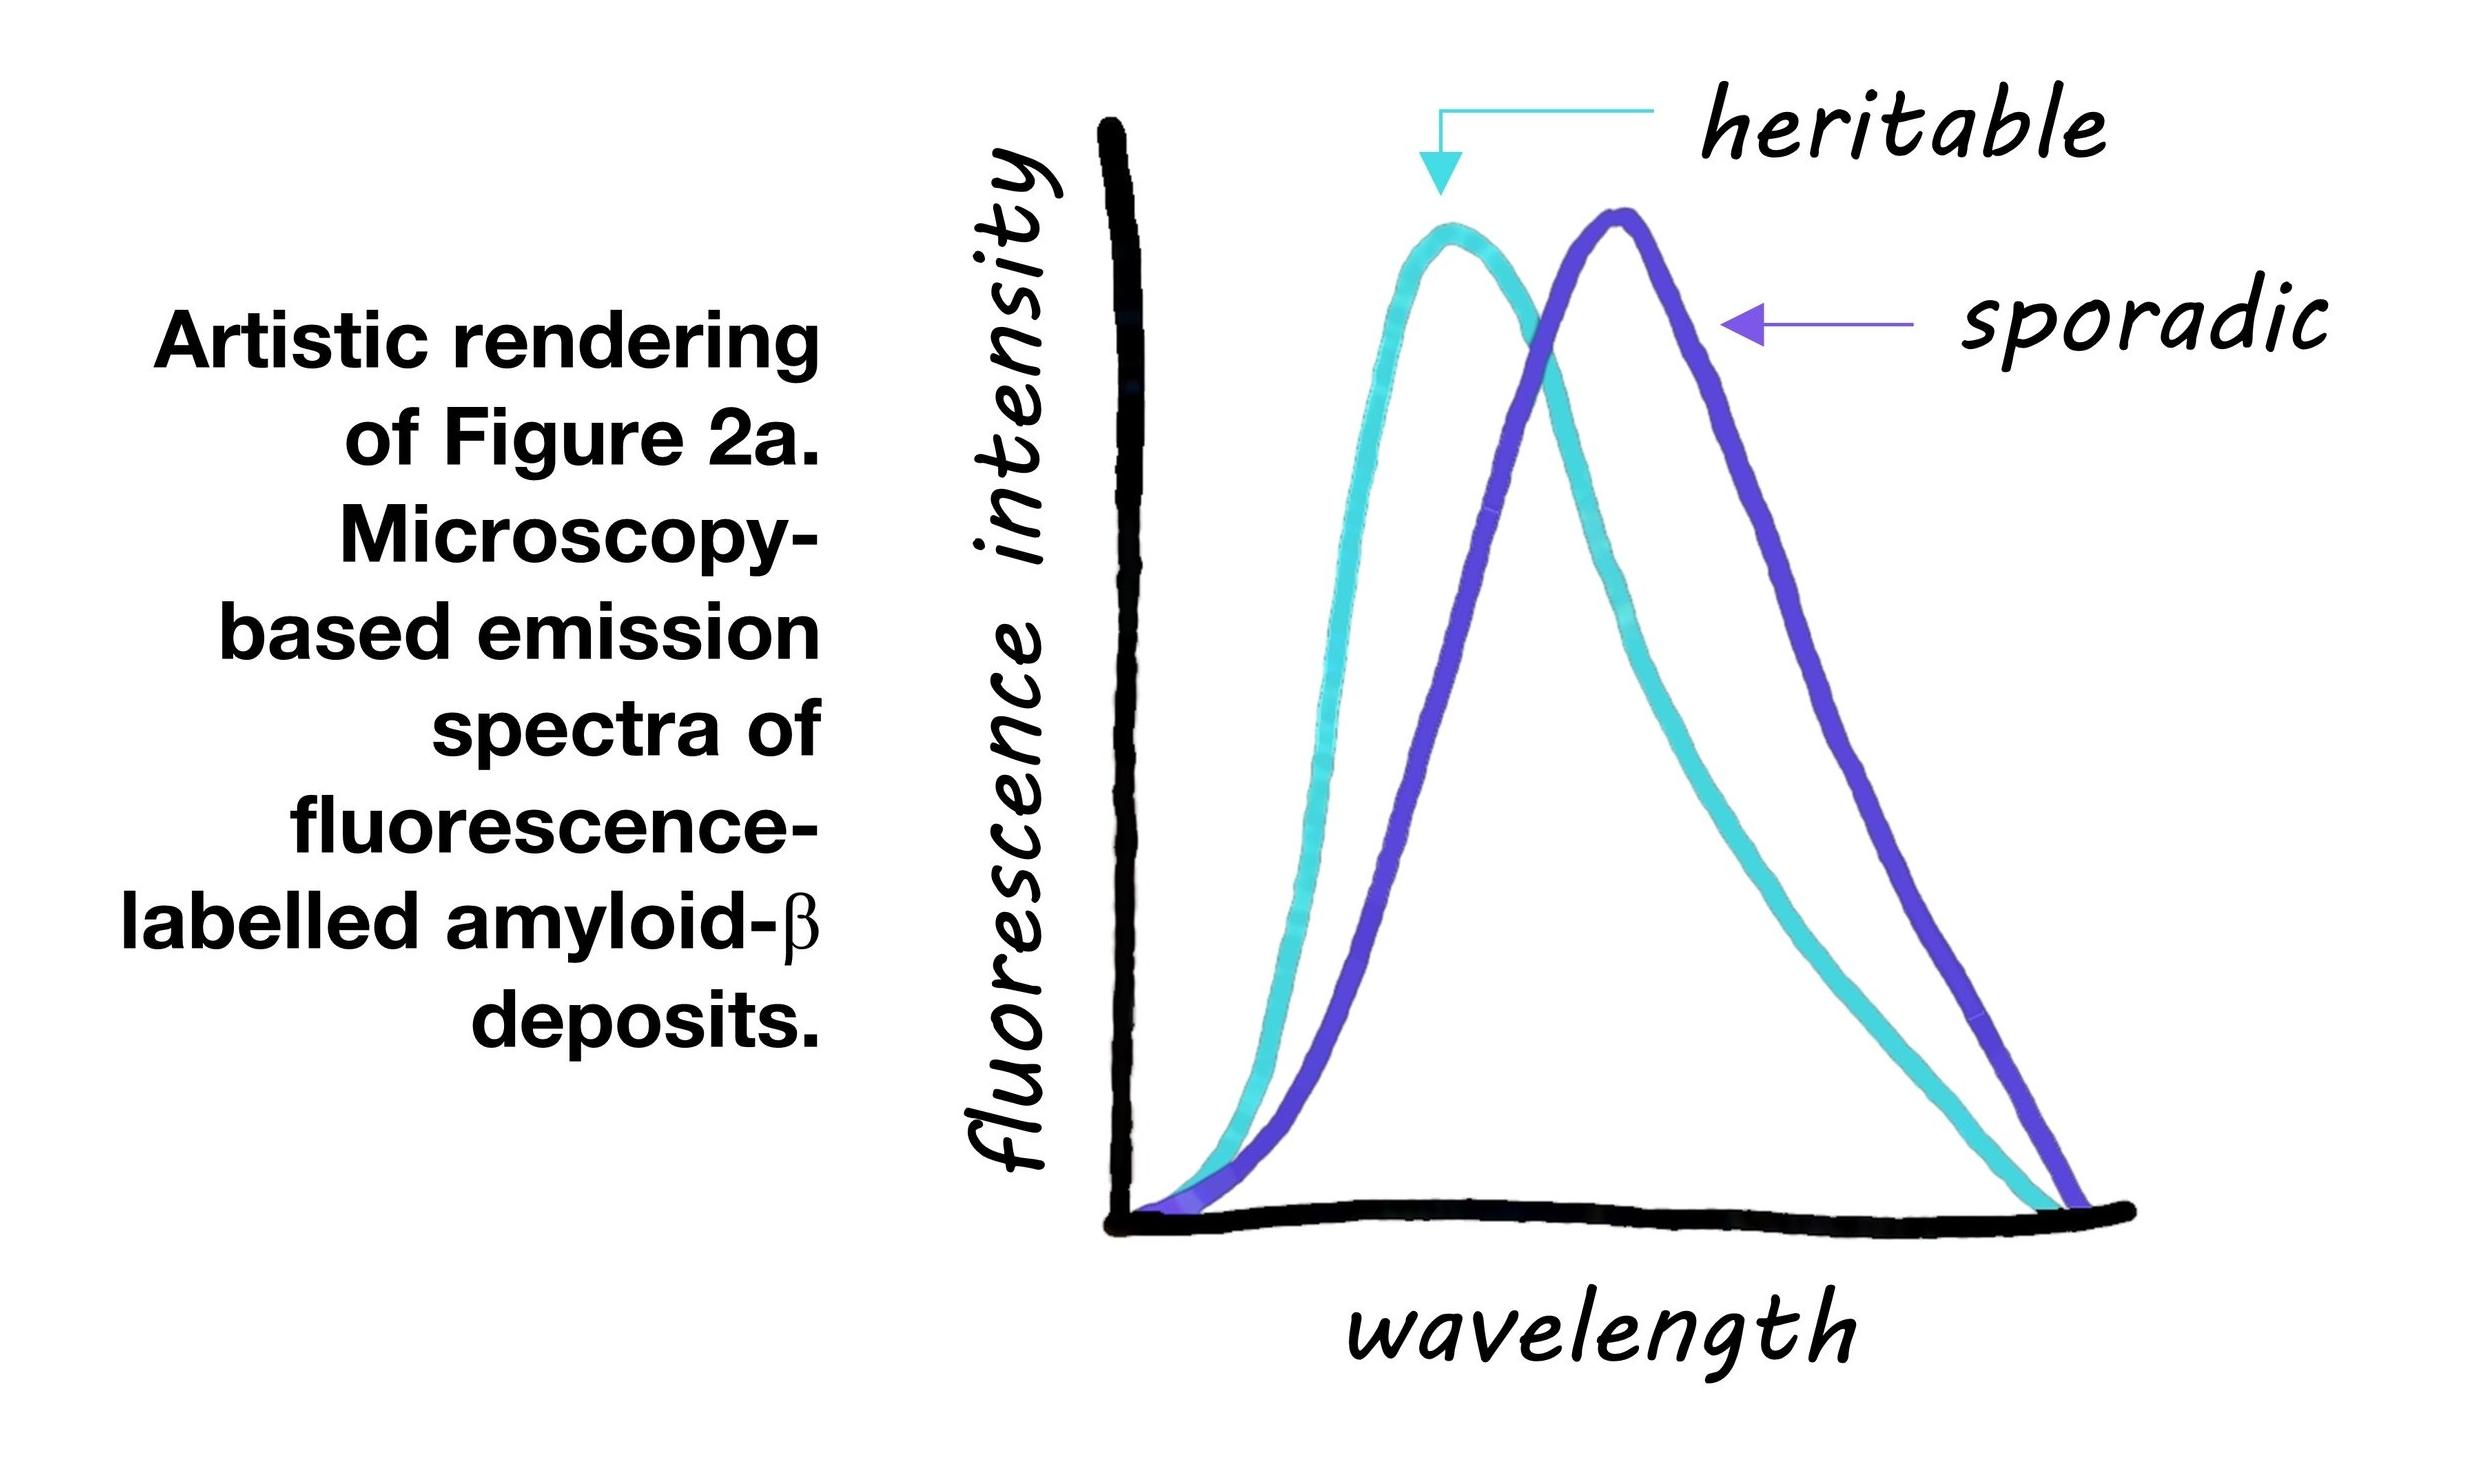 graph2_correctspelling_forreal.jpg